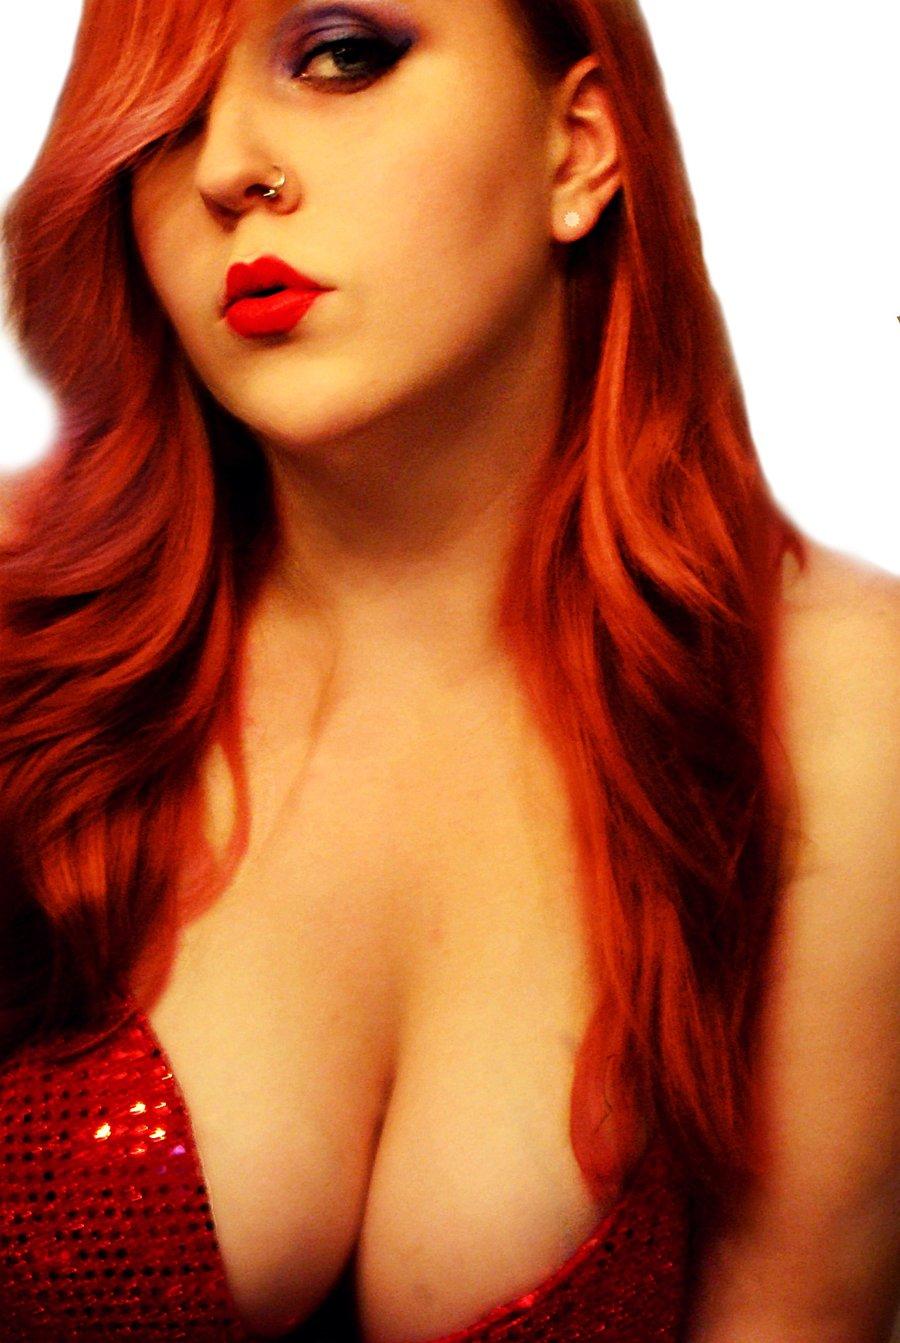 Nude Anna Semenovich - 30 Photos With Sexy